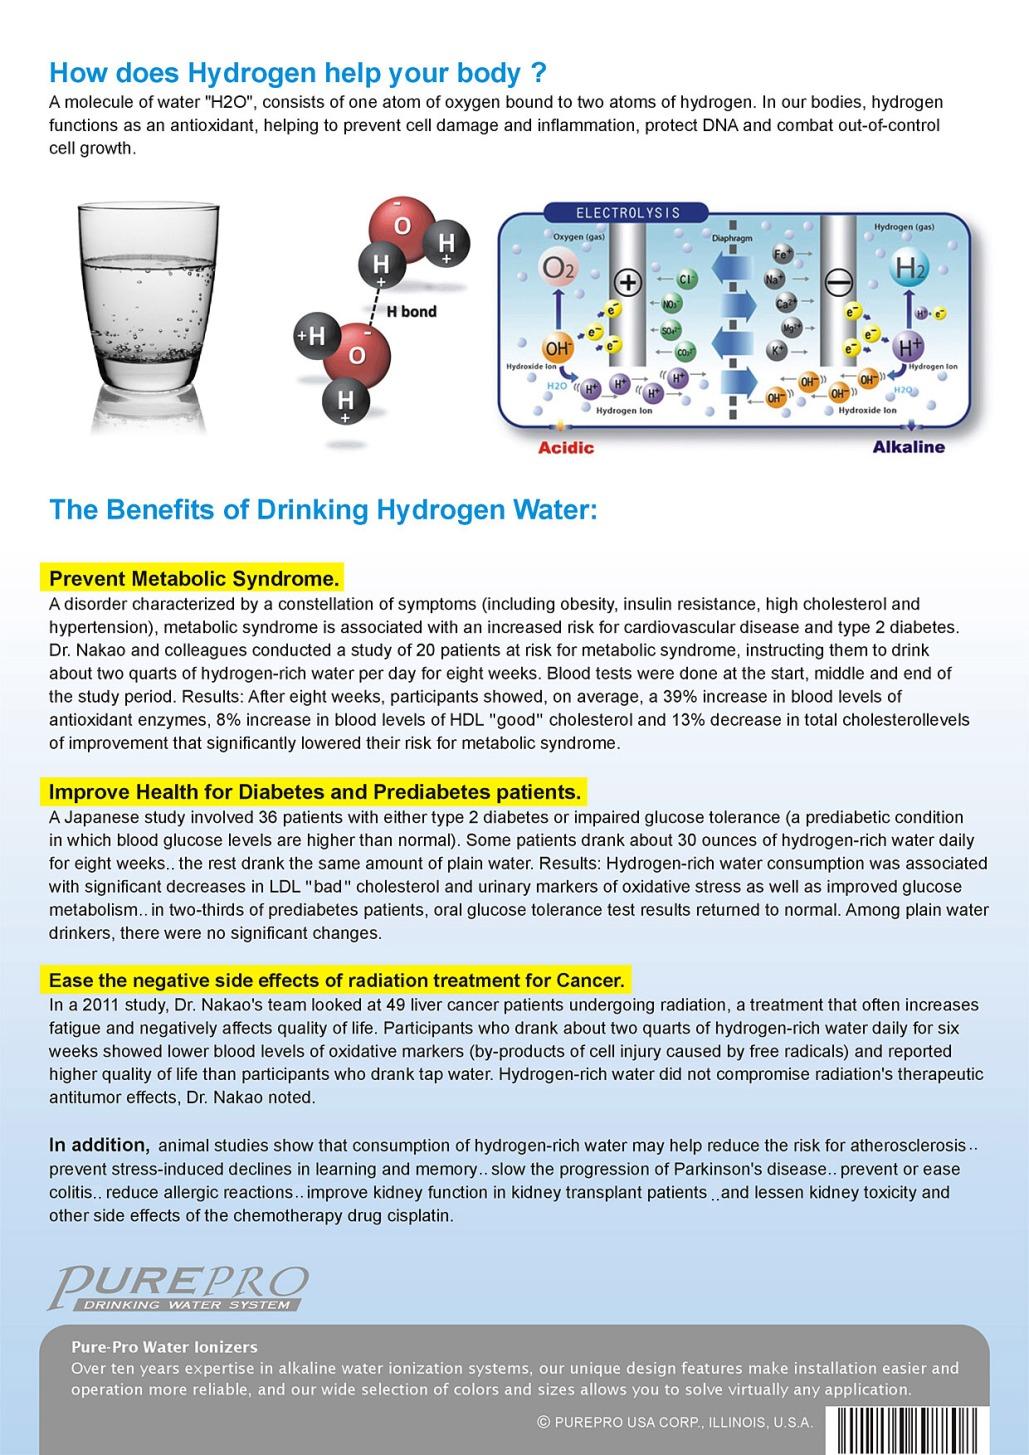 Purepro 174 Hydrogen Water Machine Ja 703